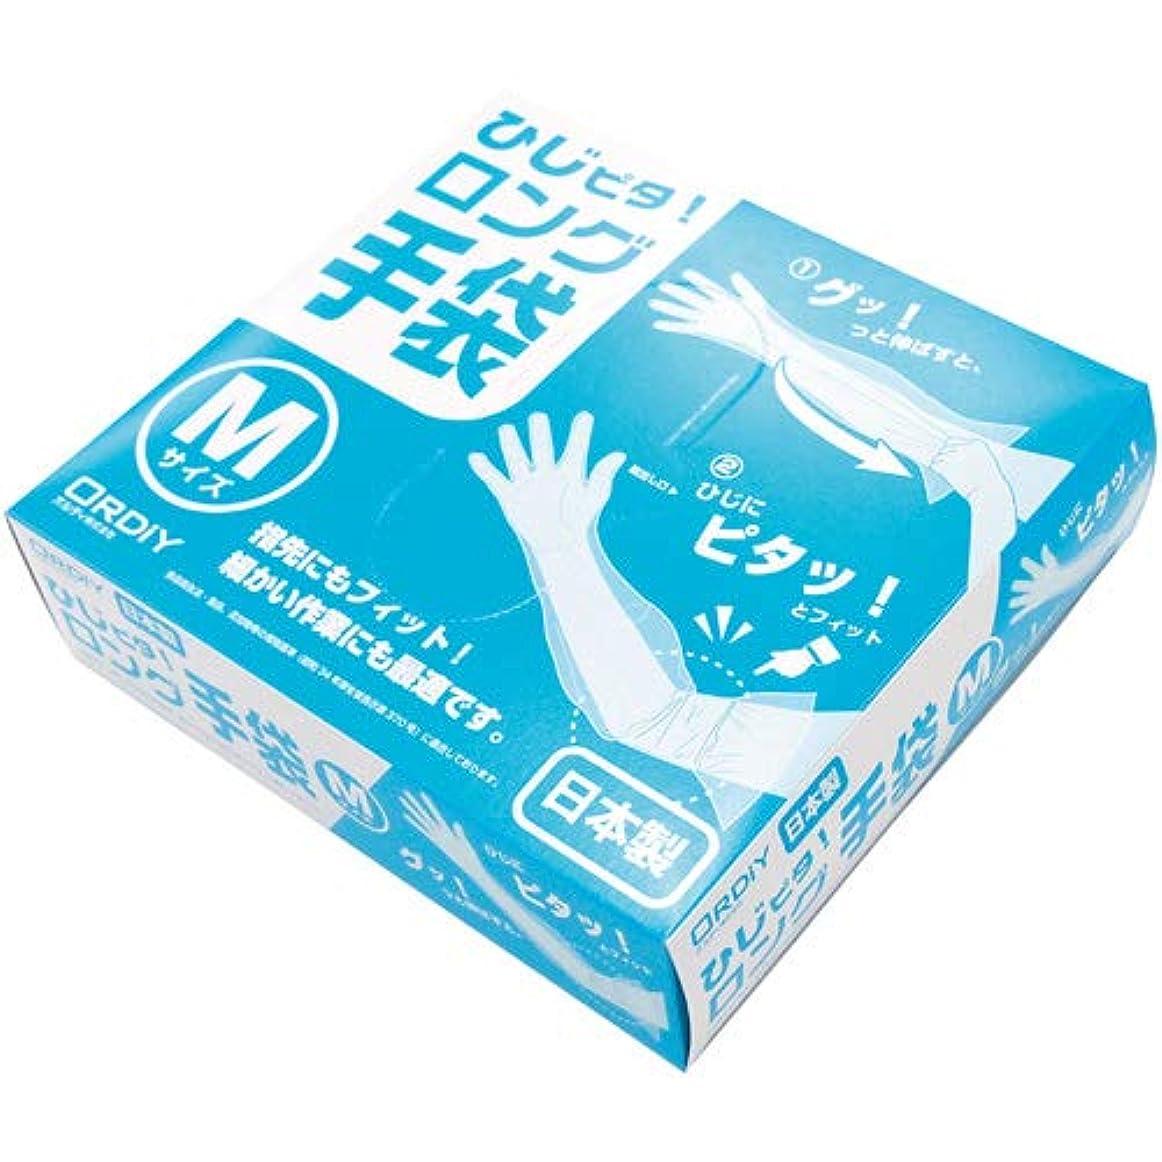 どこかために謝罪オルディ ひじピタロング手袋 M HLT-NM-100 1箱(100枚)